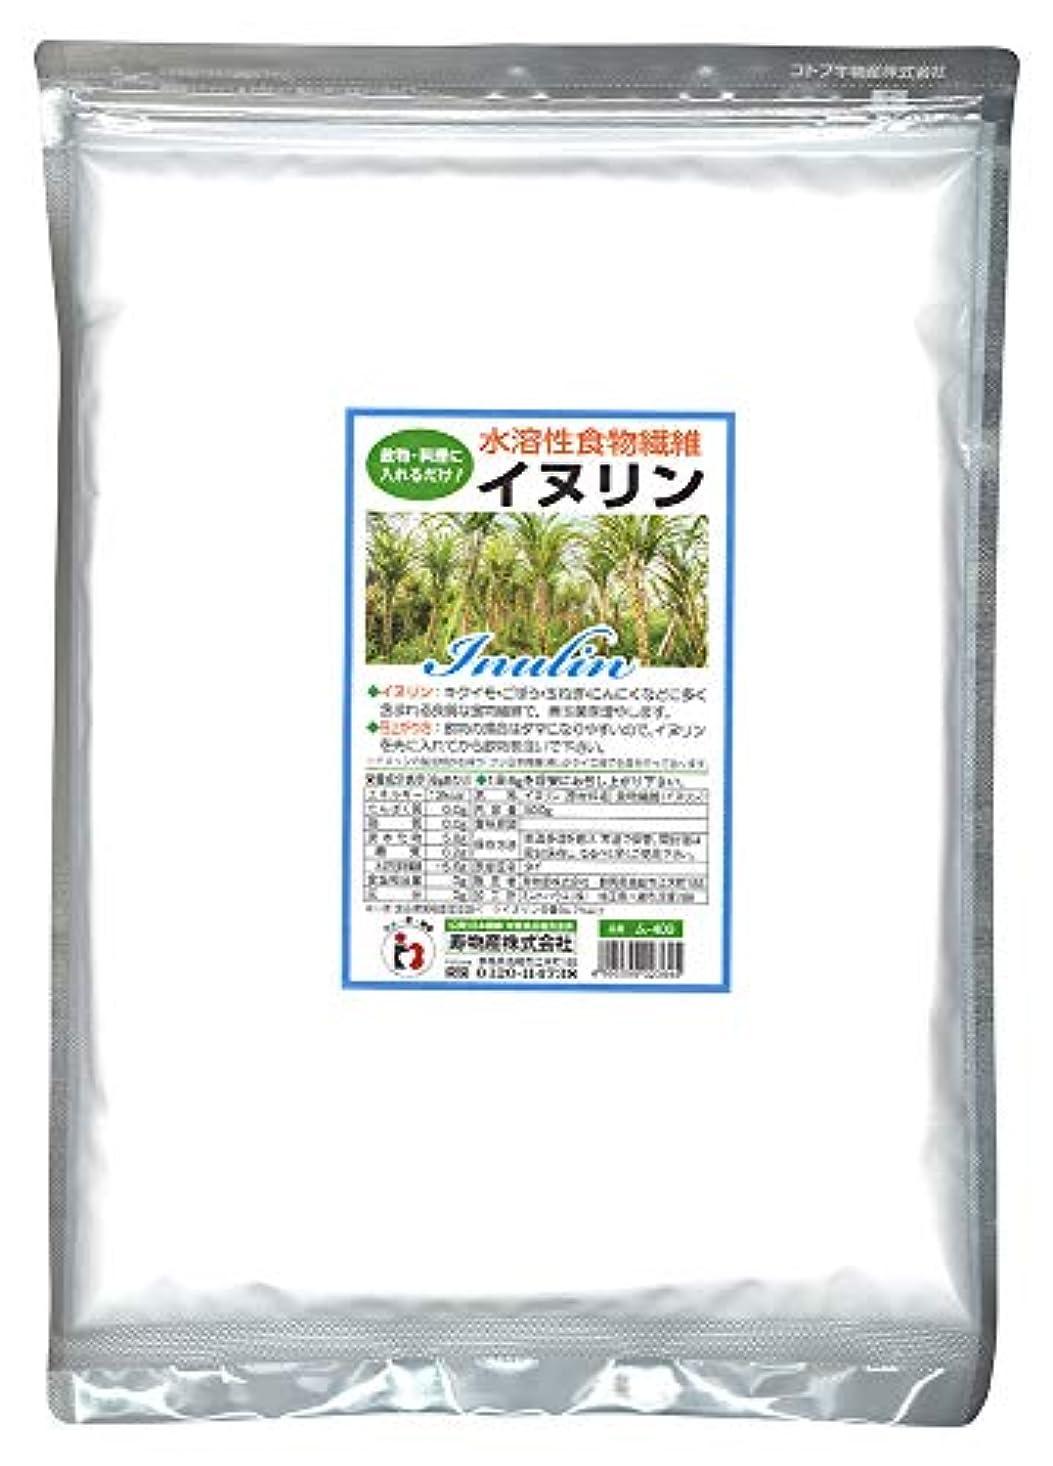 バルコニーケーブルチーズイヌリン 500g 水溶性食物繊維 菊芋に多く含まれる食物繊維